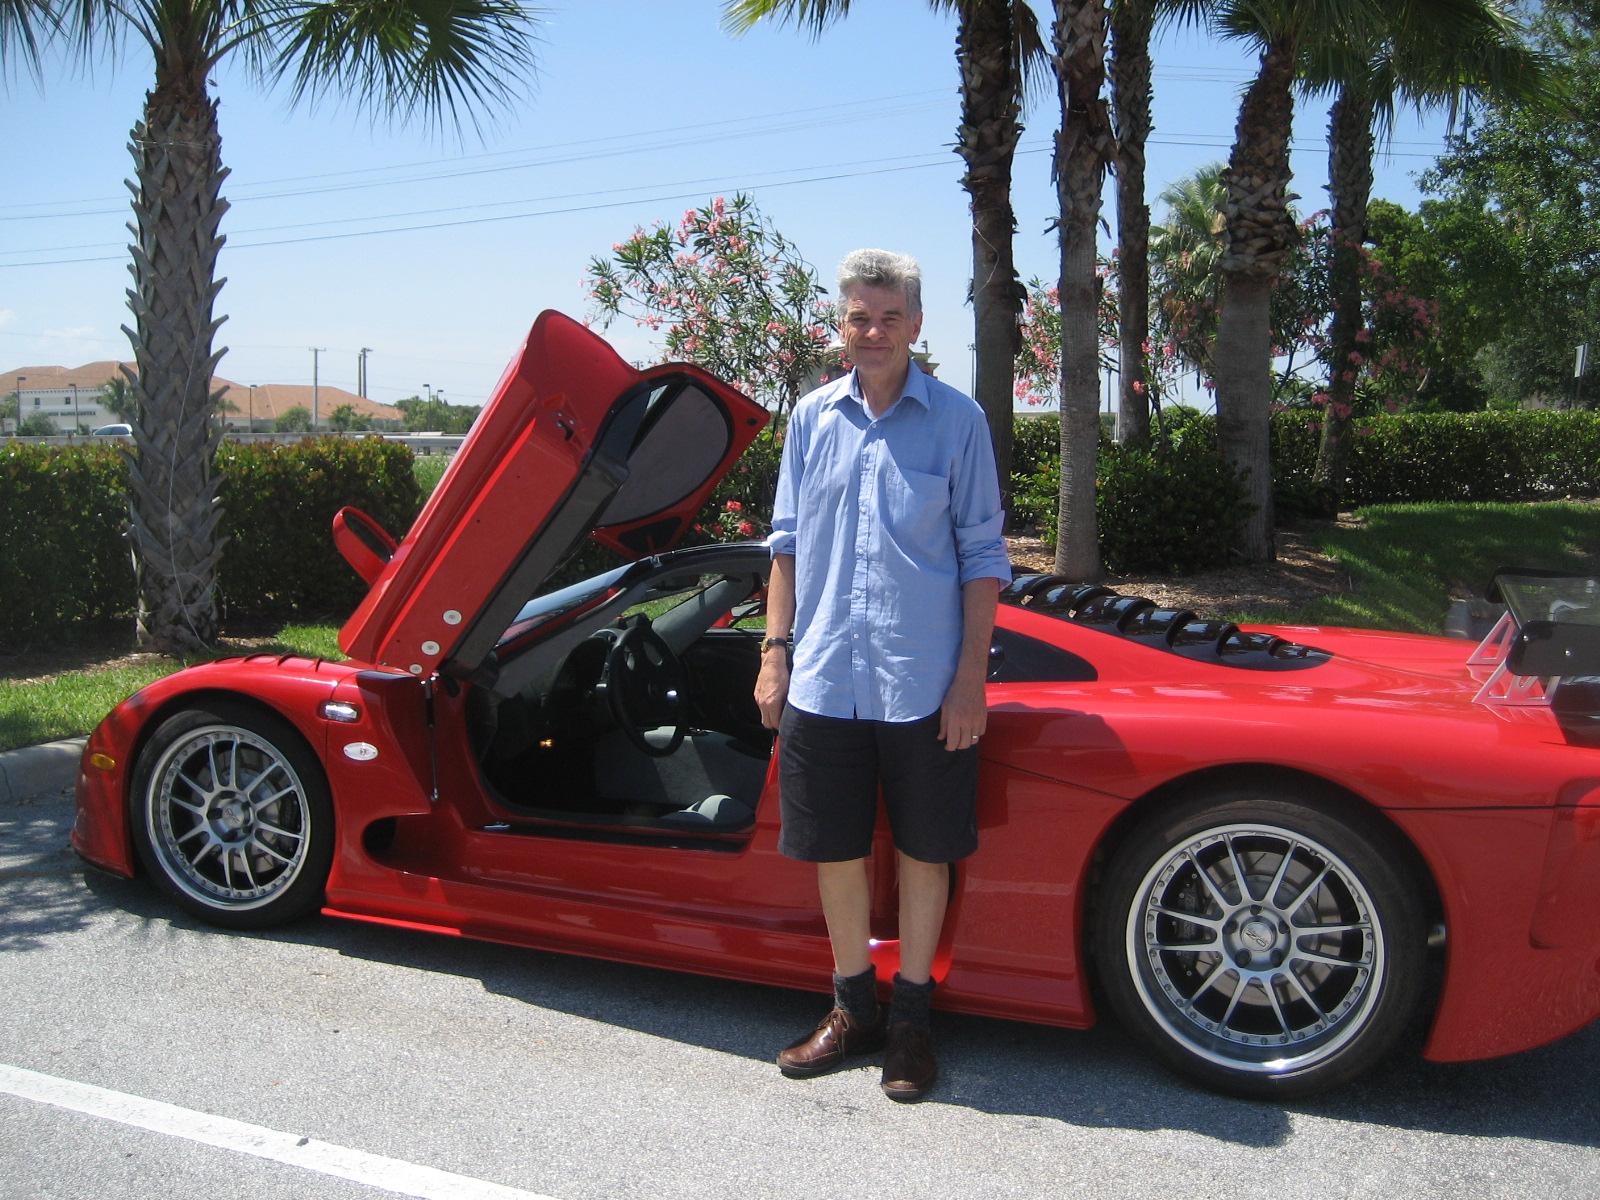 Florida, June 2009